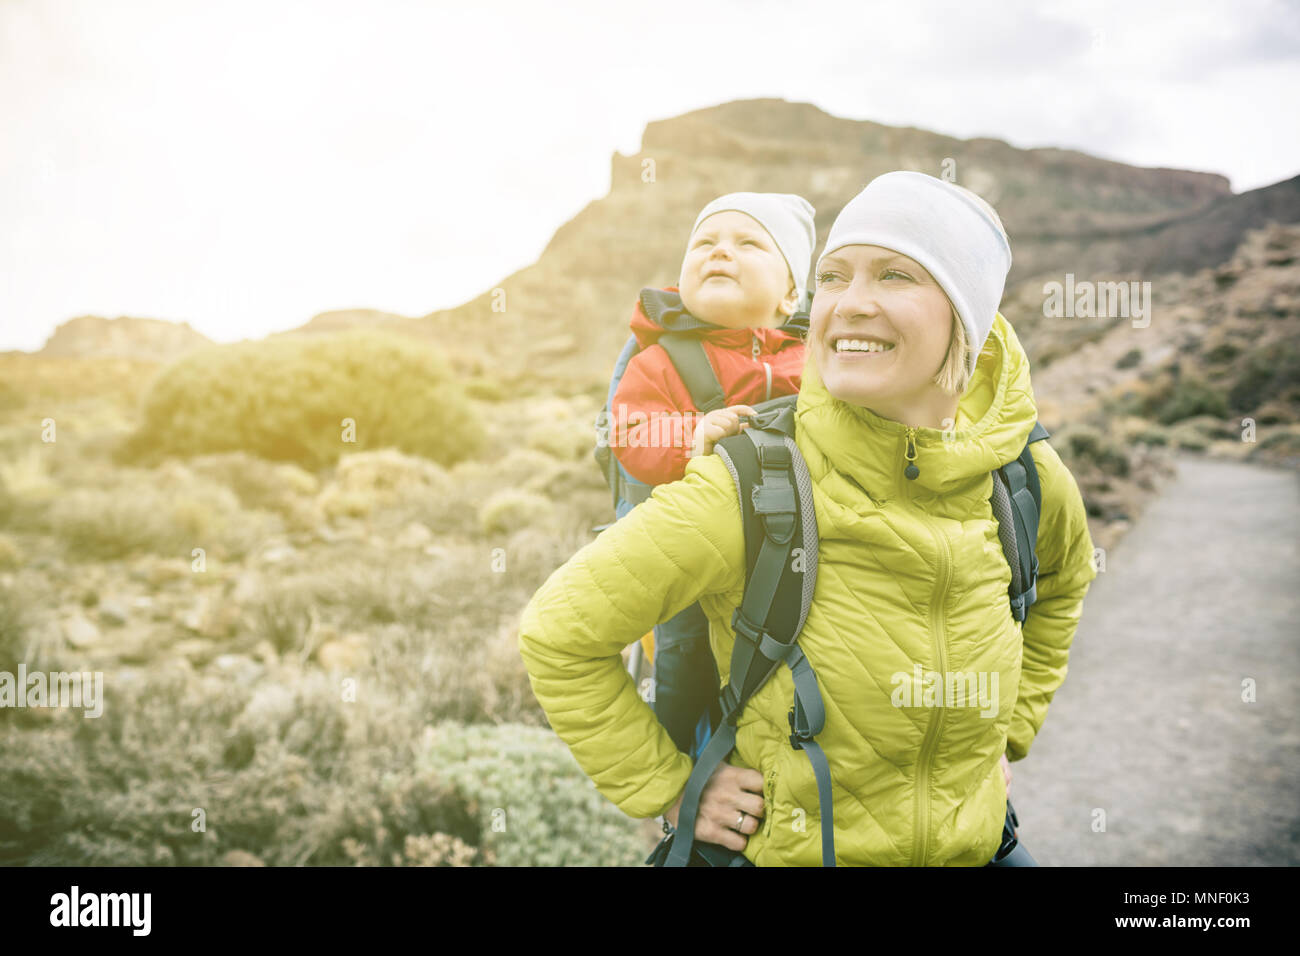 Super maman avec bébé garçon voyager en sac à dos. Mère sur randonnées aventure avec enfant, voyage en famille dans les montagnes. Vacances voyage avec bébé porté Photo Stock